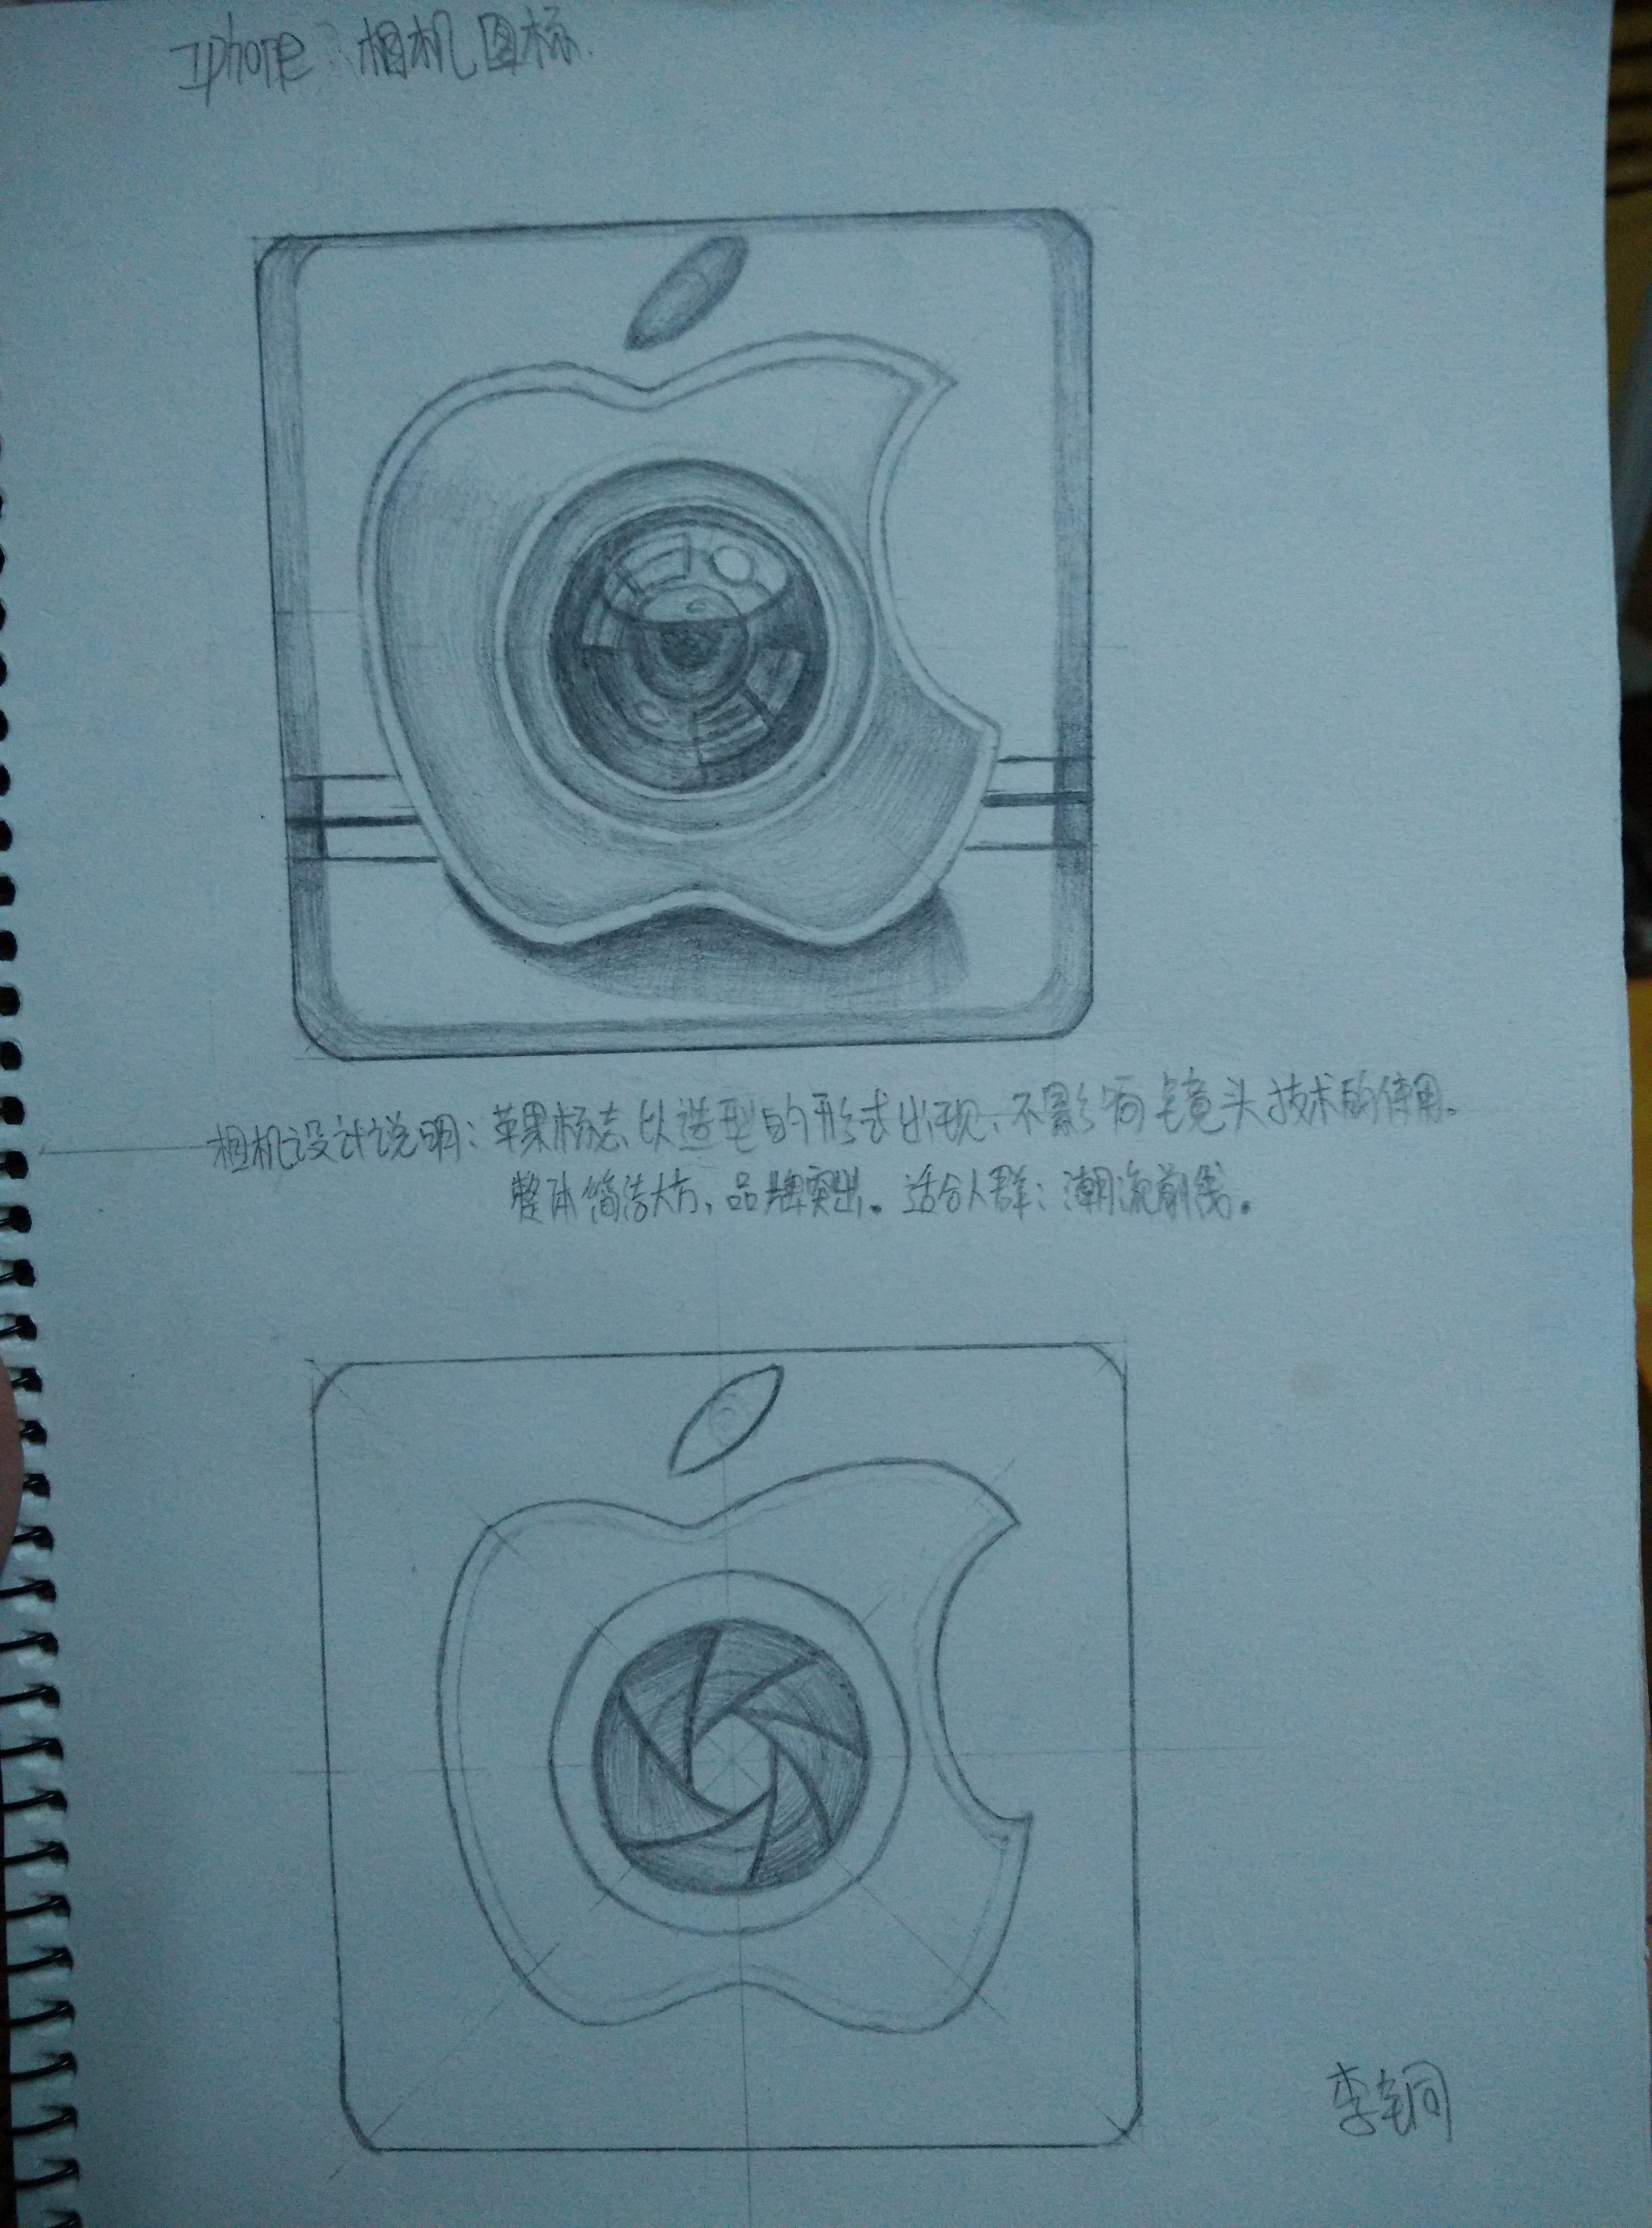 原创苹果手机相机图标手绘板|ui|图标|睁眼看世界